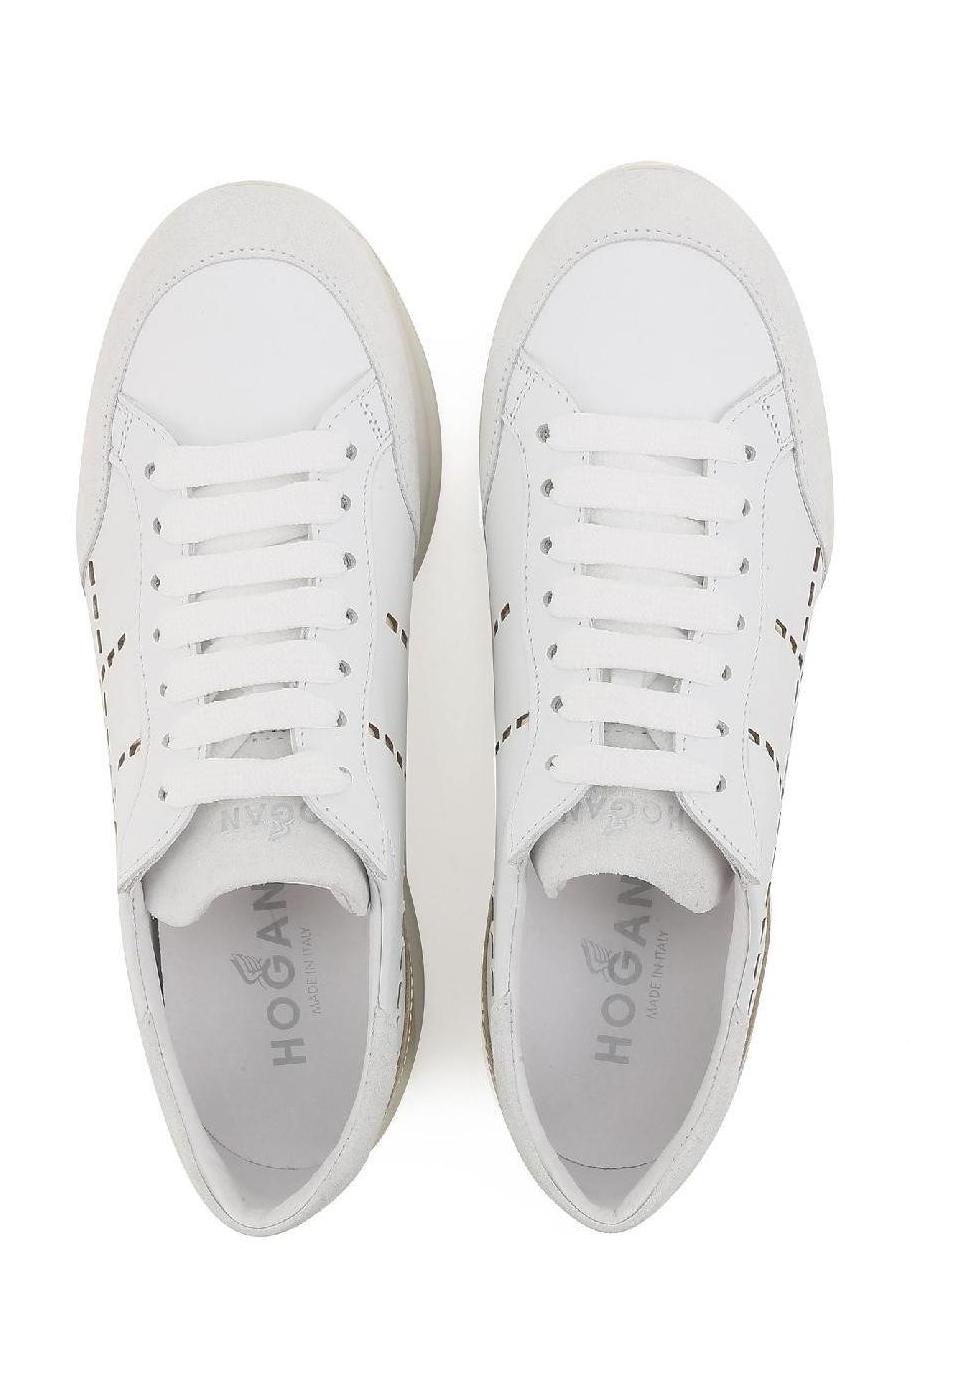 a4fb807997157b ... Hogan Damen Sneakers aus weiß Leder und silbernem Metallic hinten mit hoher  Gummisohle